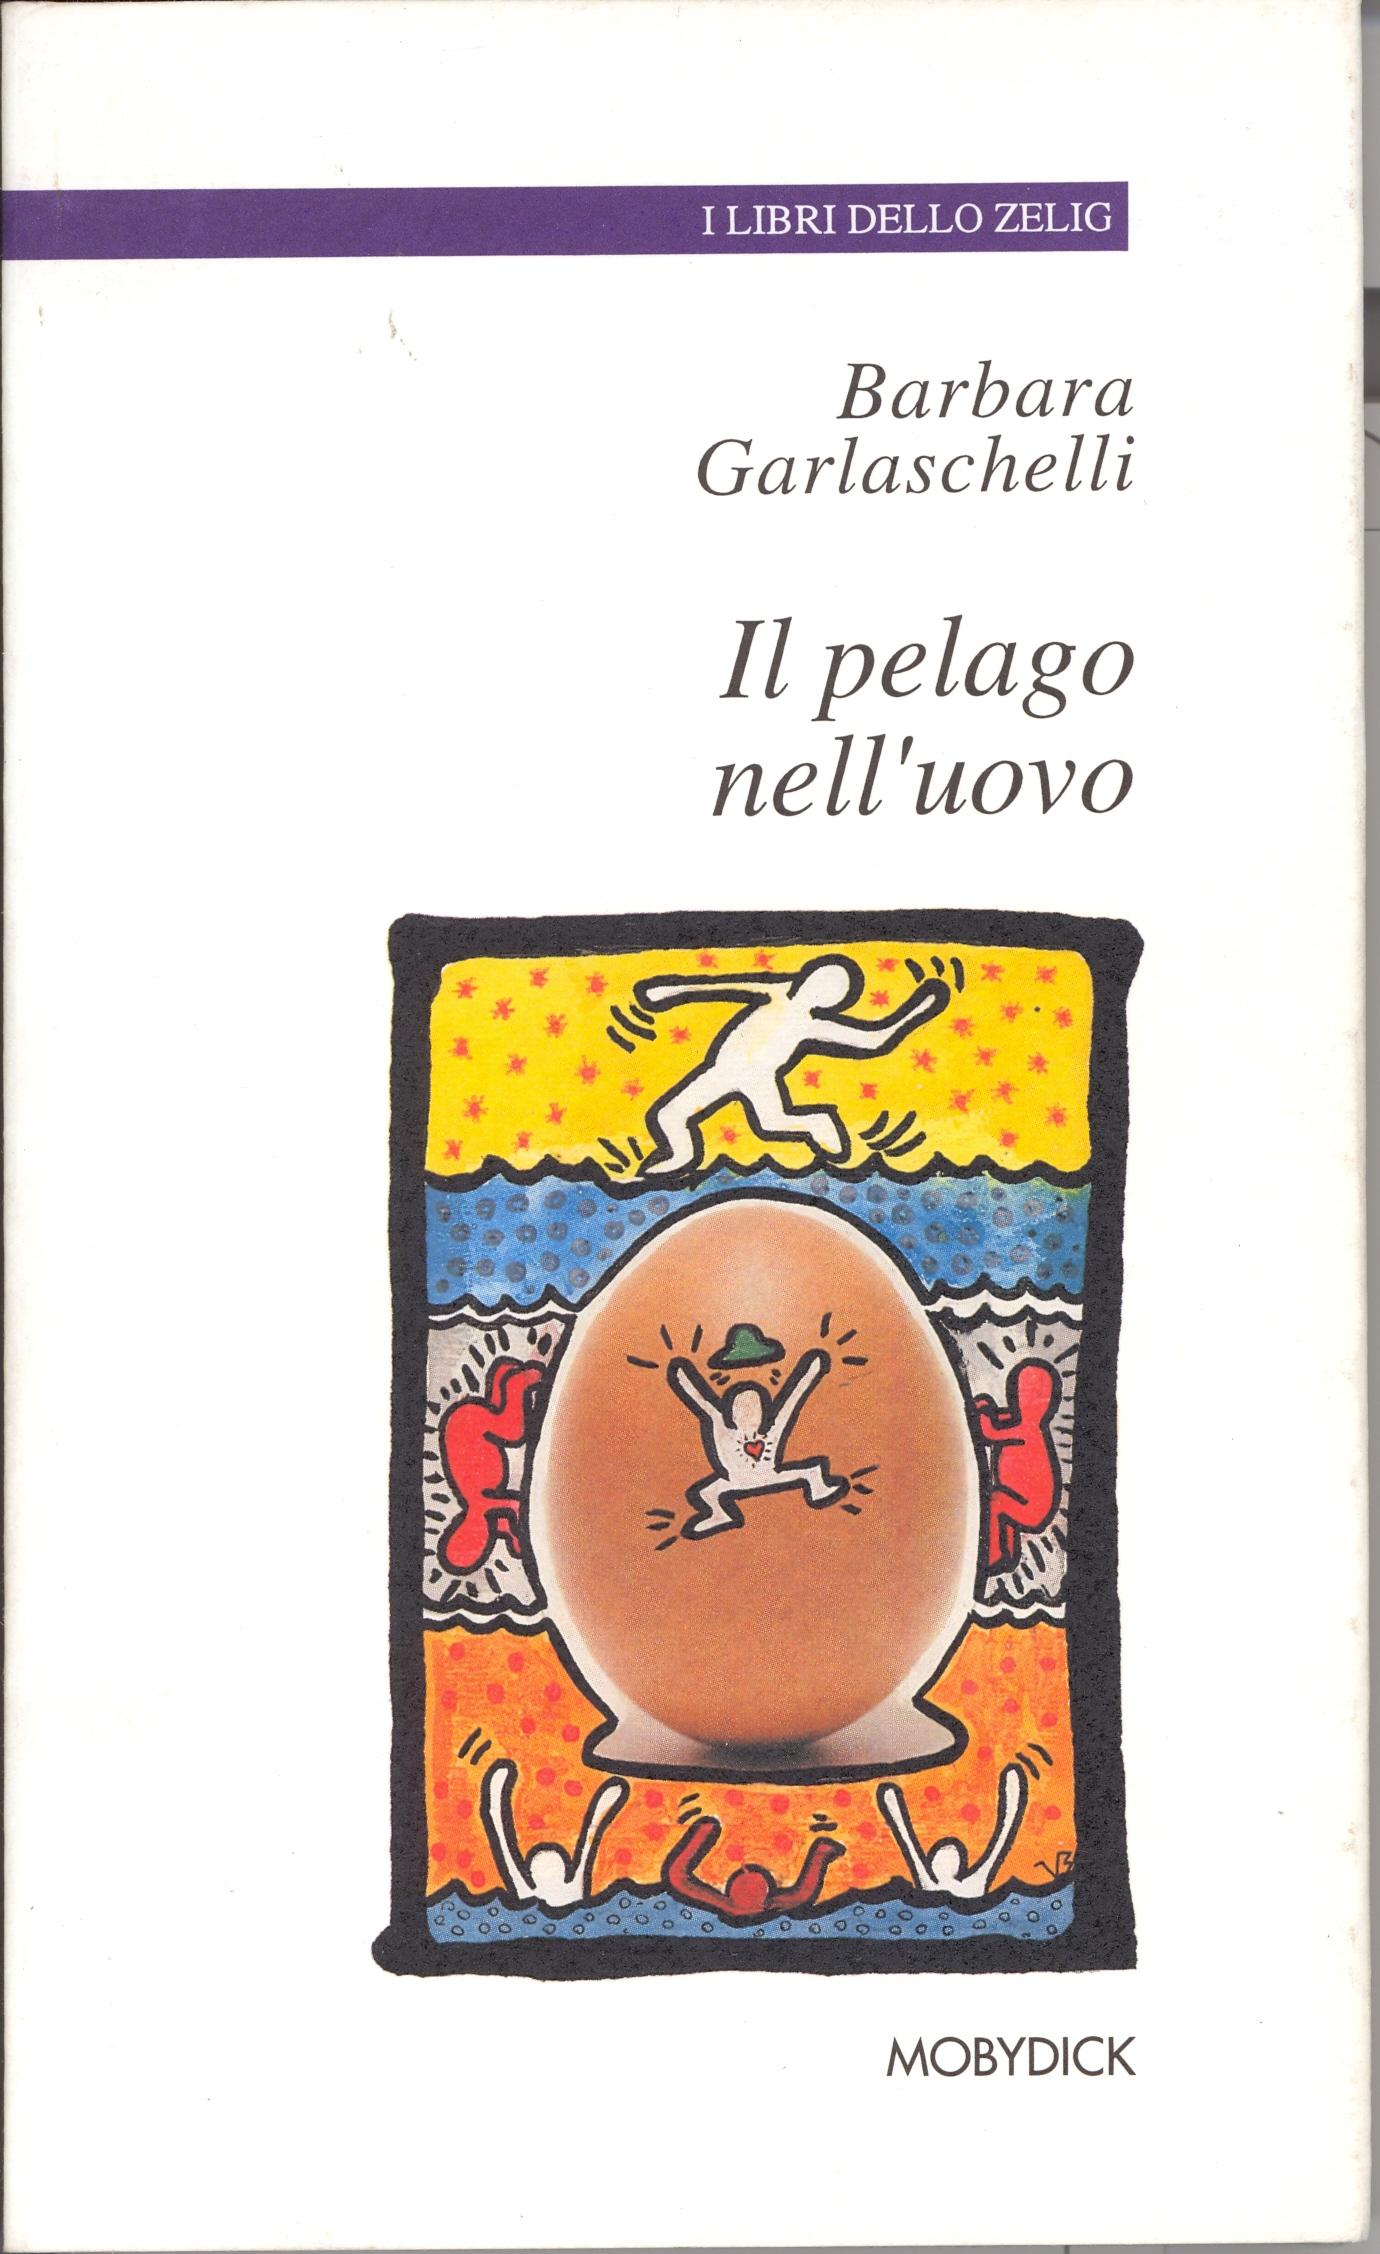 Il pelago nell'uovo